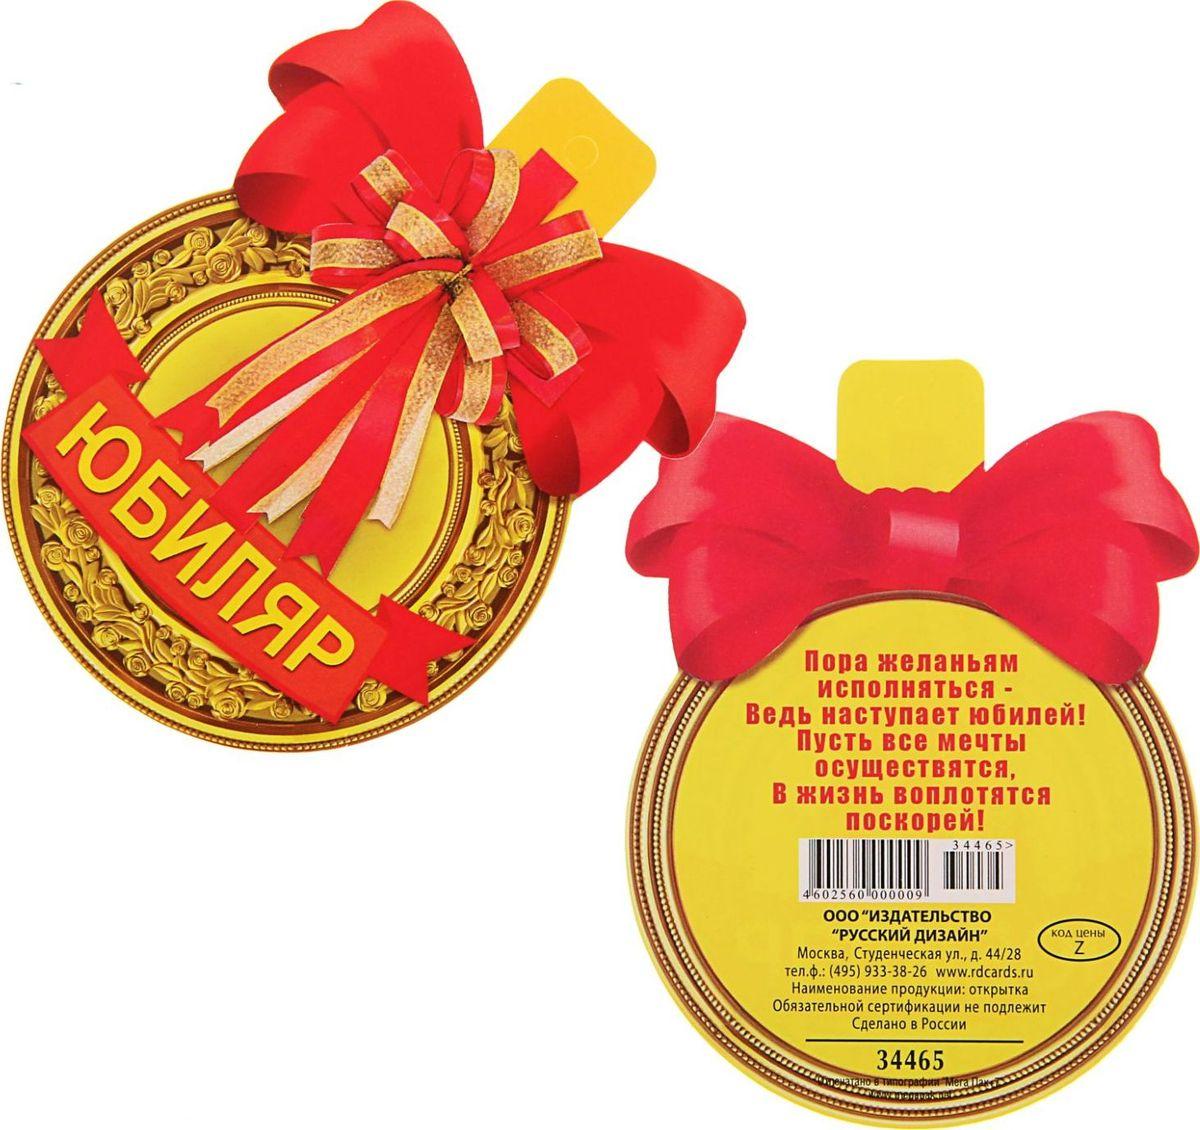 Открытка-медаль сувенирная Русский дизайн Юбиляр!1717663Невозможно представить нашу жизнь без праздников! Мы всегда ждём их и предвкушаем, обдумываем, как проведём памятный день, тщательно выбираем подарки и аксессуары, ведь именно они создают и поддерживают торжественный настрой. Это отличный выбор, который привнесёт атмосферу праздника в ваш дом!